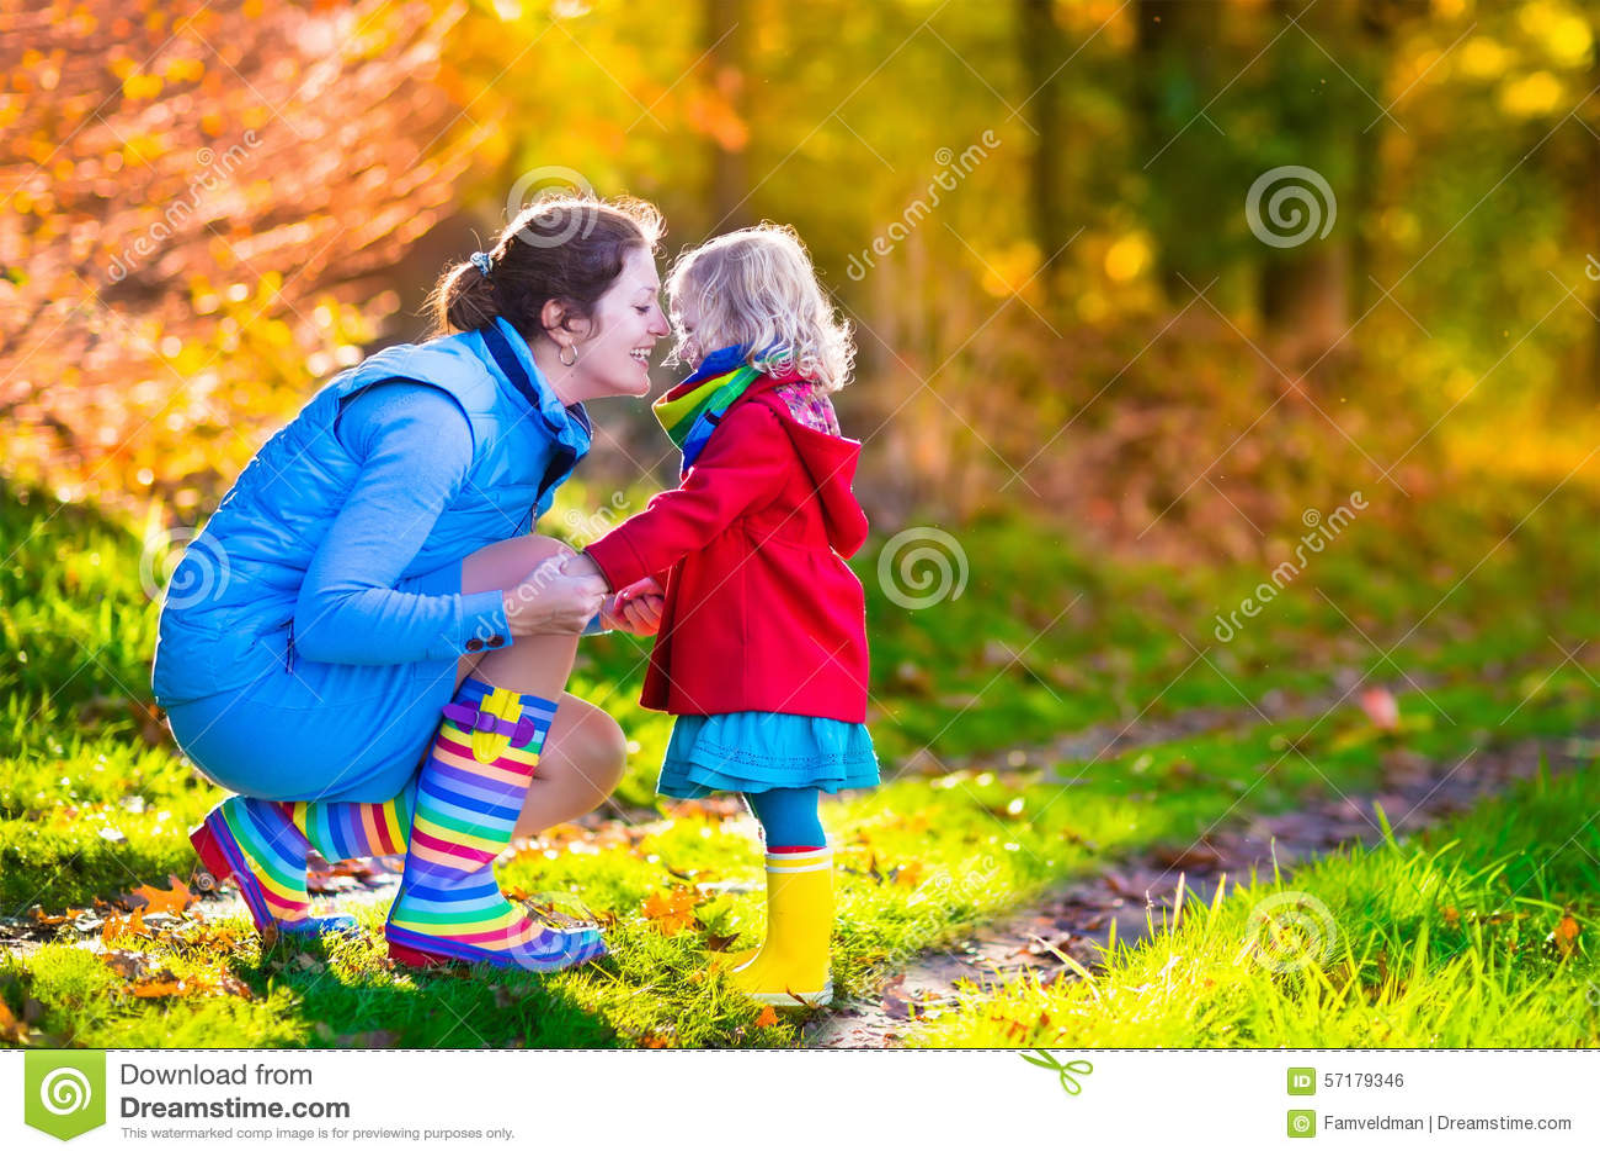 Картинки осень дети мамы